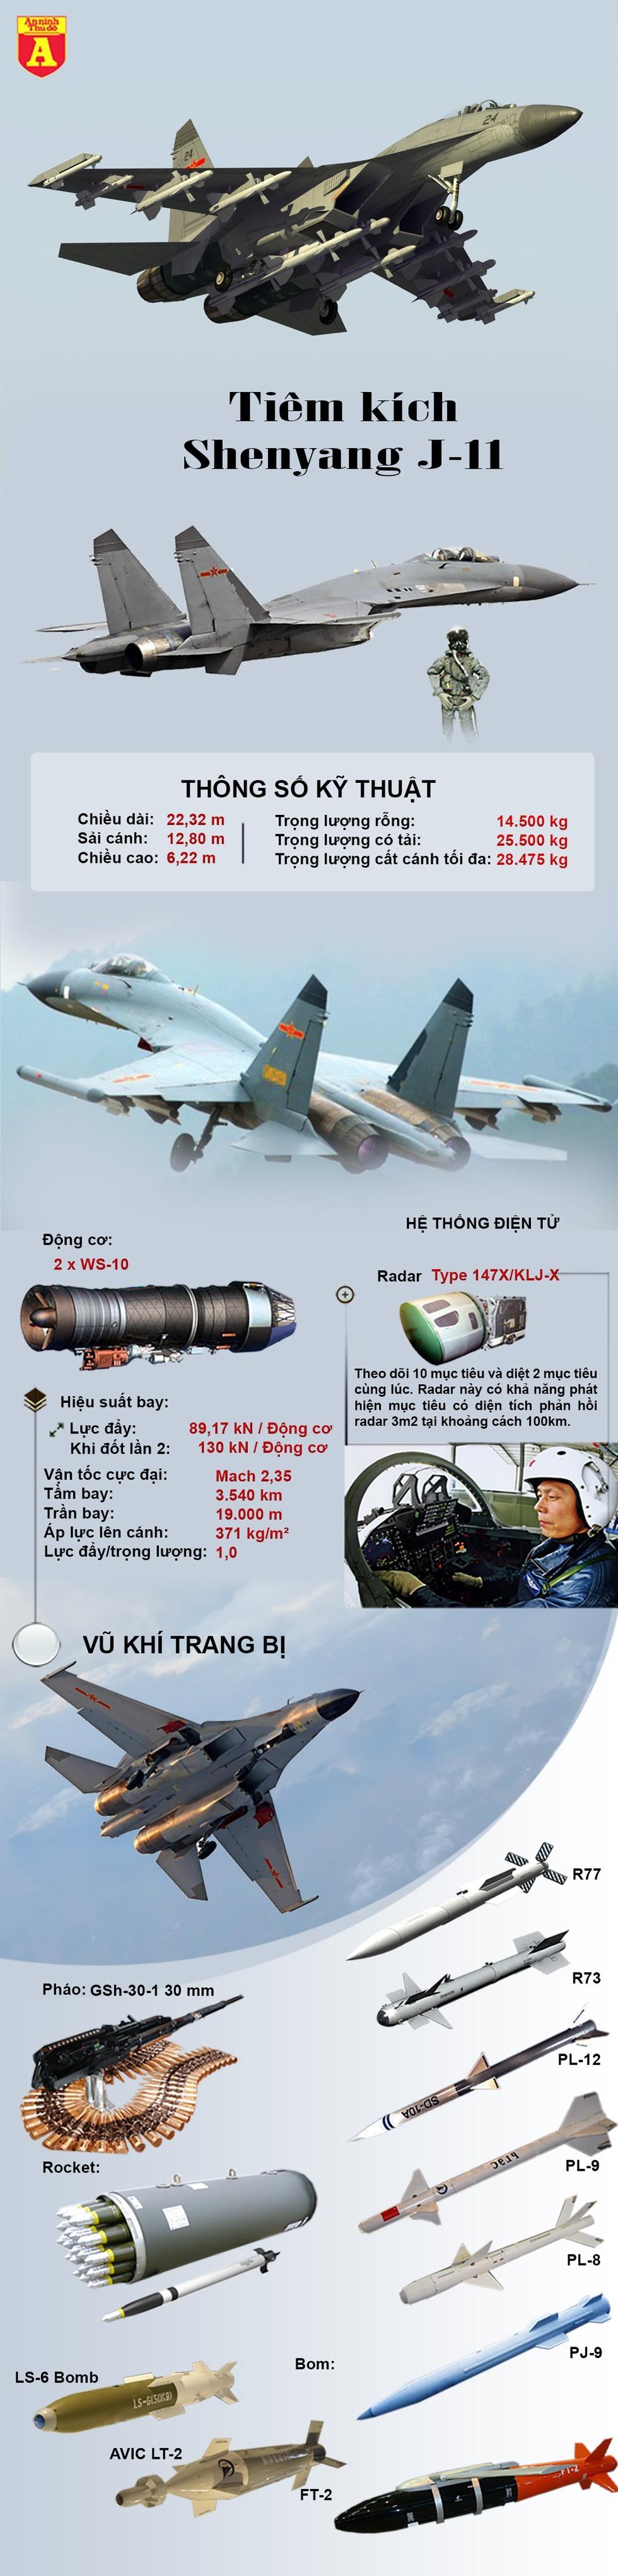 [Info] Tiêm kích Trung Quốc nhái từ Su-27 Nga xuất hiện trái phép tại quần đảo Hoàng Sa, Việt Nam ảnh 2